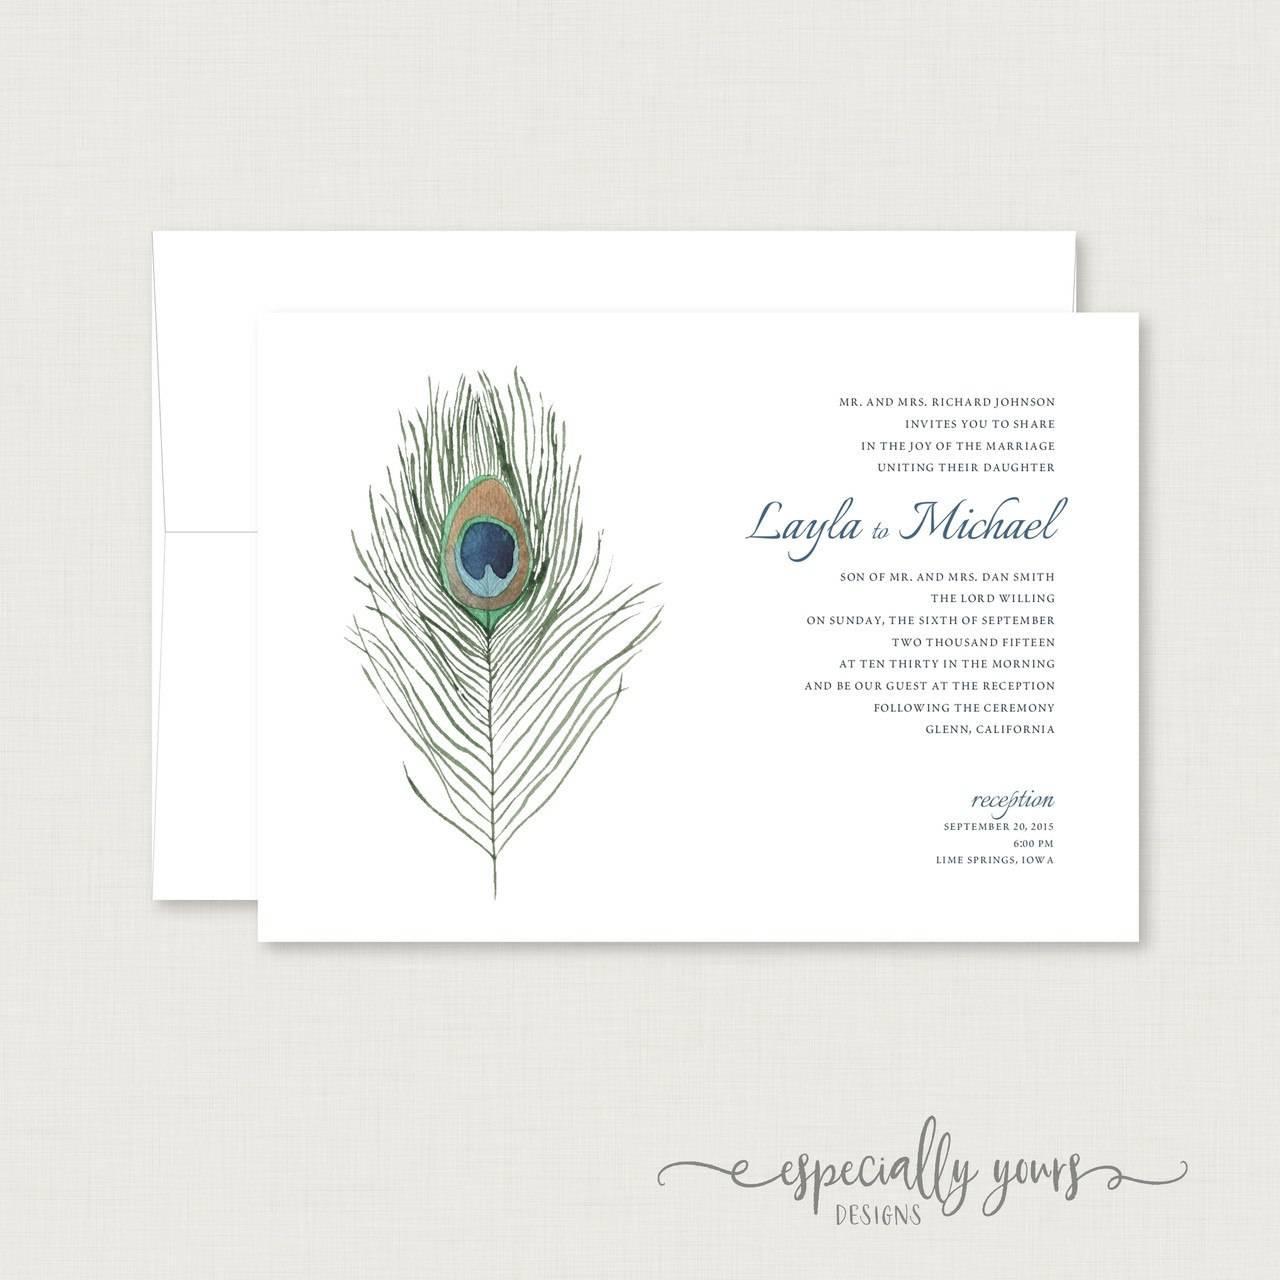 Peacock Invitation Designs